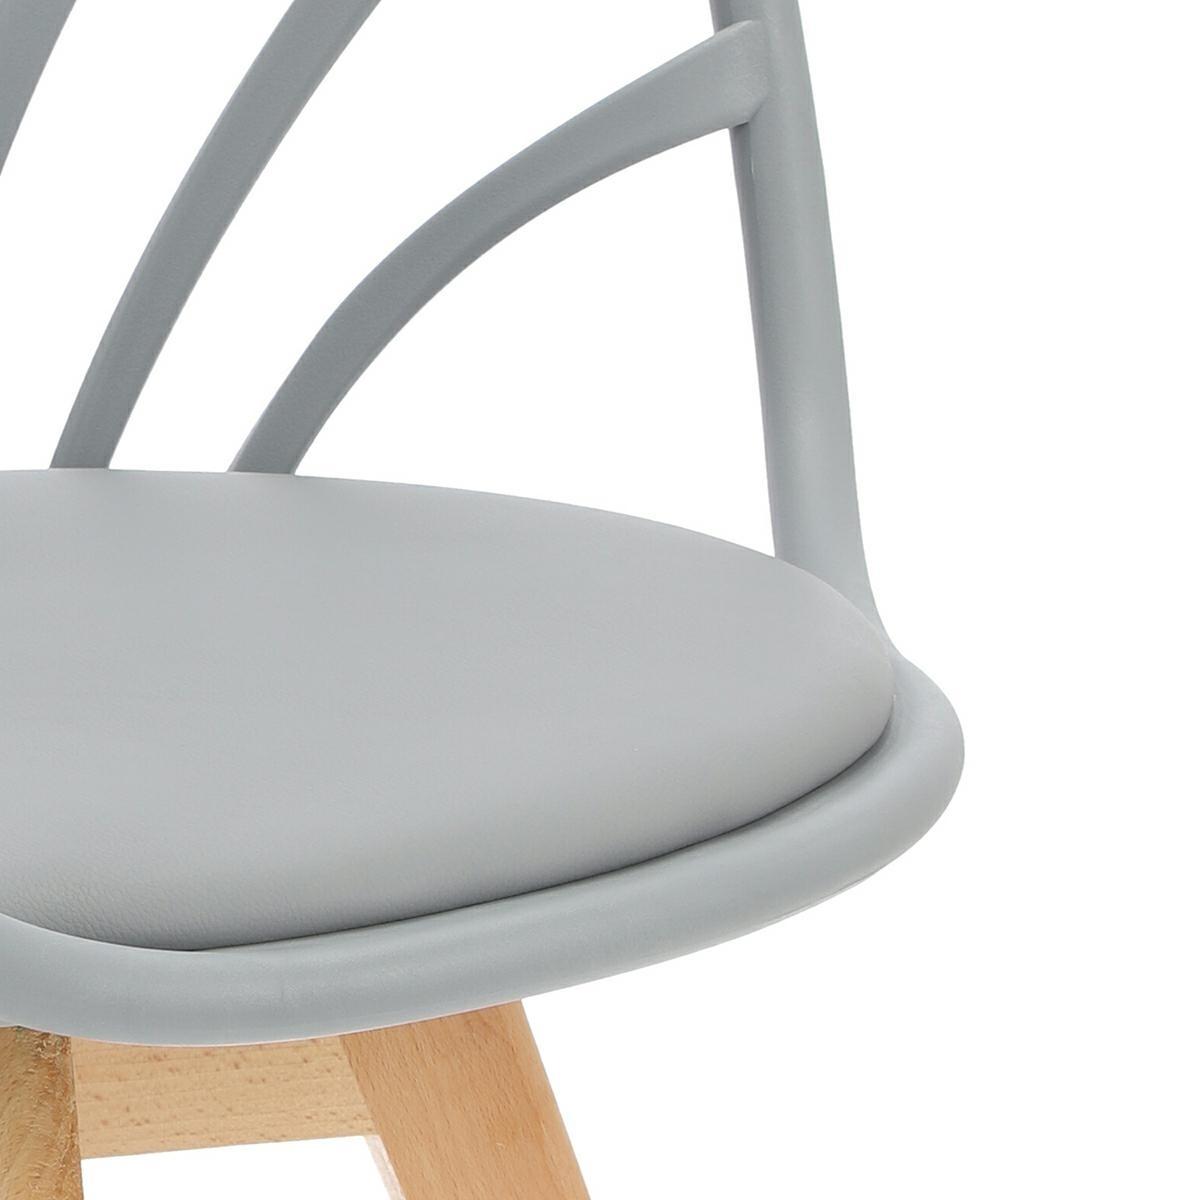 Krzesło Sirena z podłokietnikami szare - zdjęcie nr 17